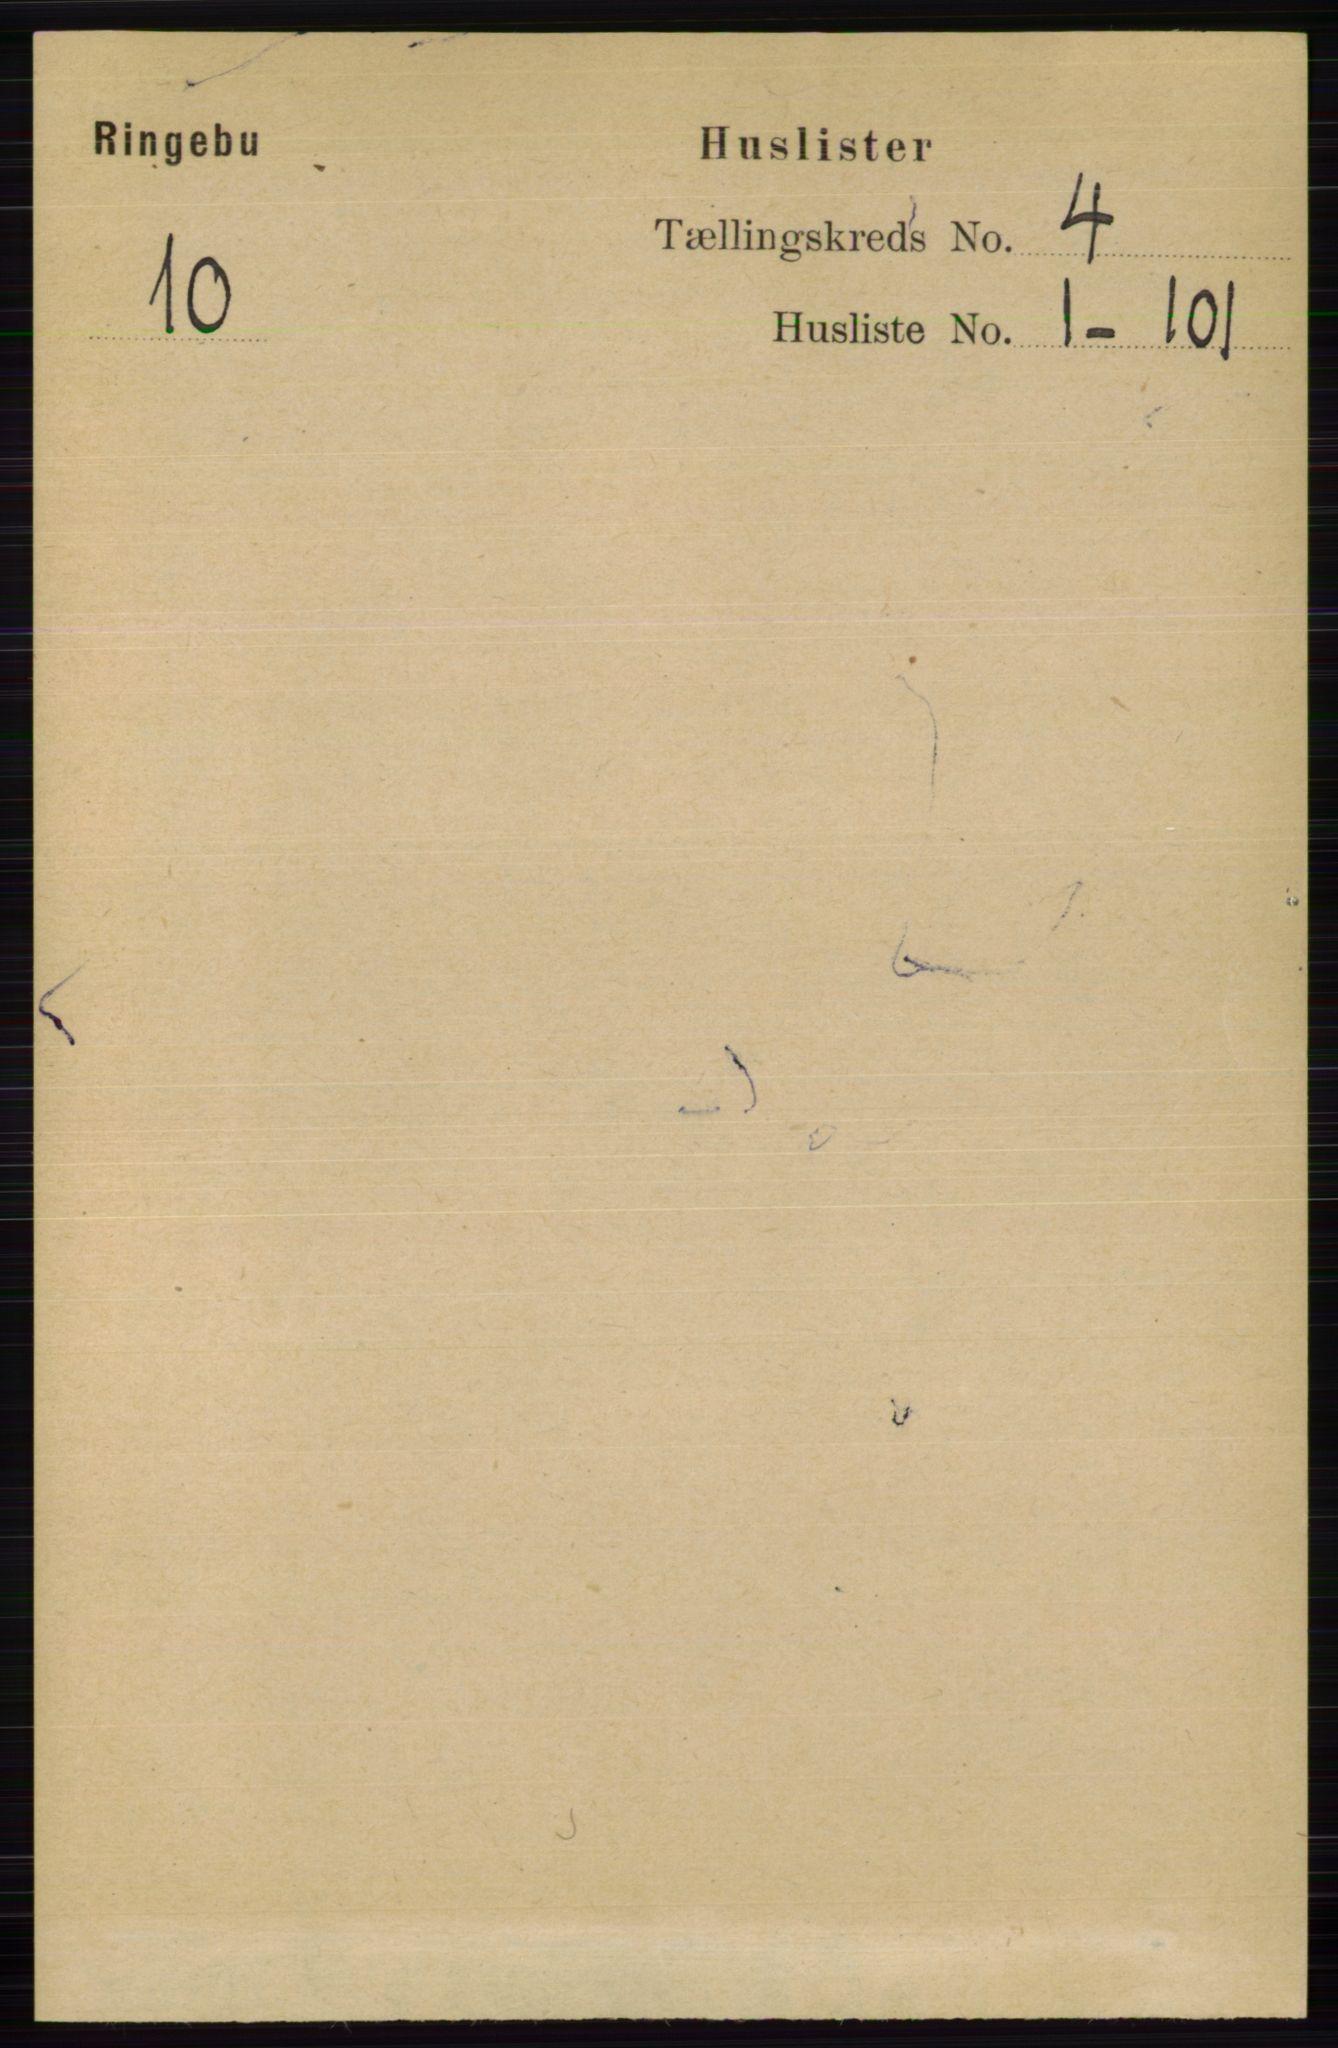 RA, Folketelling 1891 for 0520 Ringebu herred, 1891, s. 1259